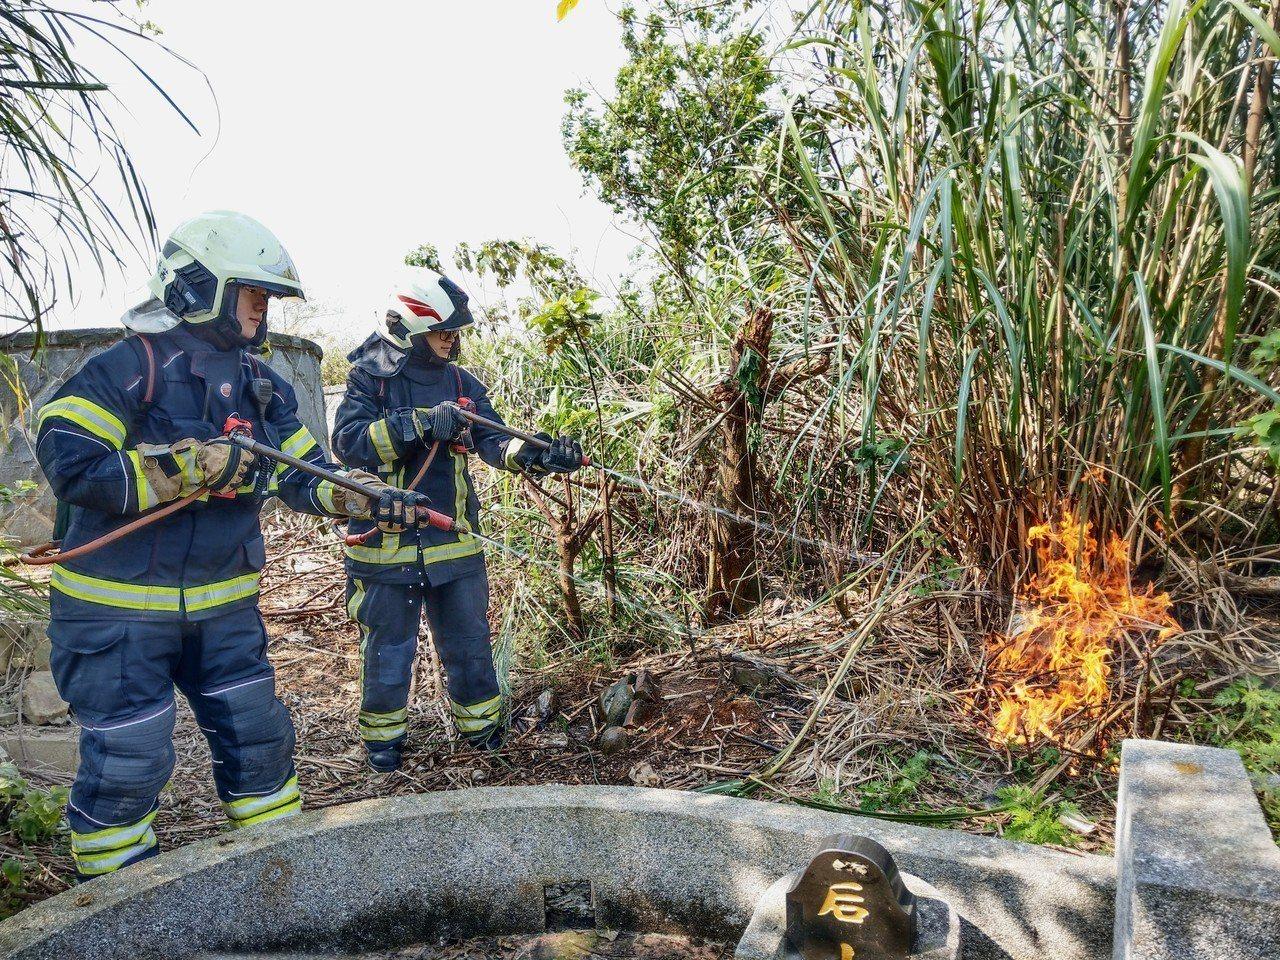 清明掃墓期間,常有燃燒紙錢引發雜草火警案例。圖/消防提供